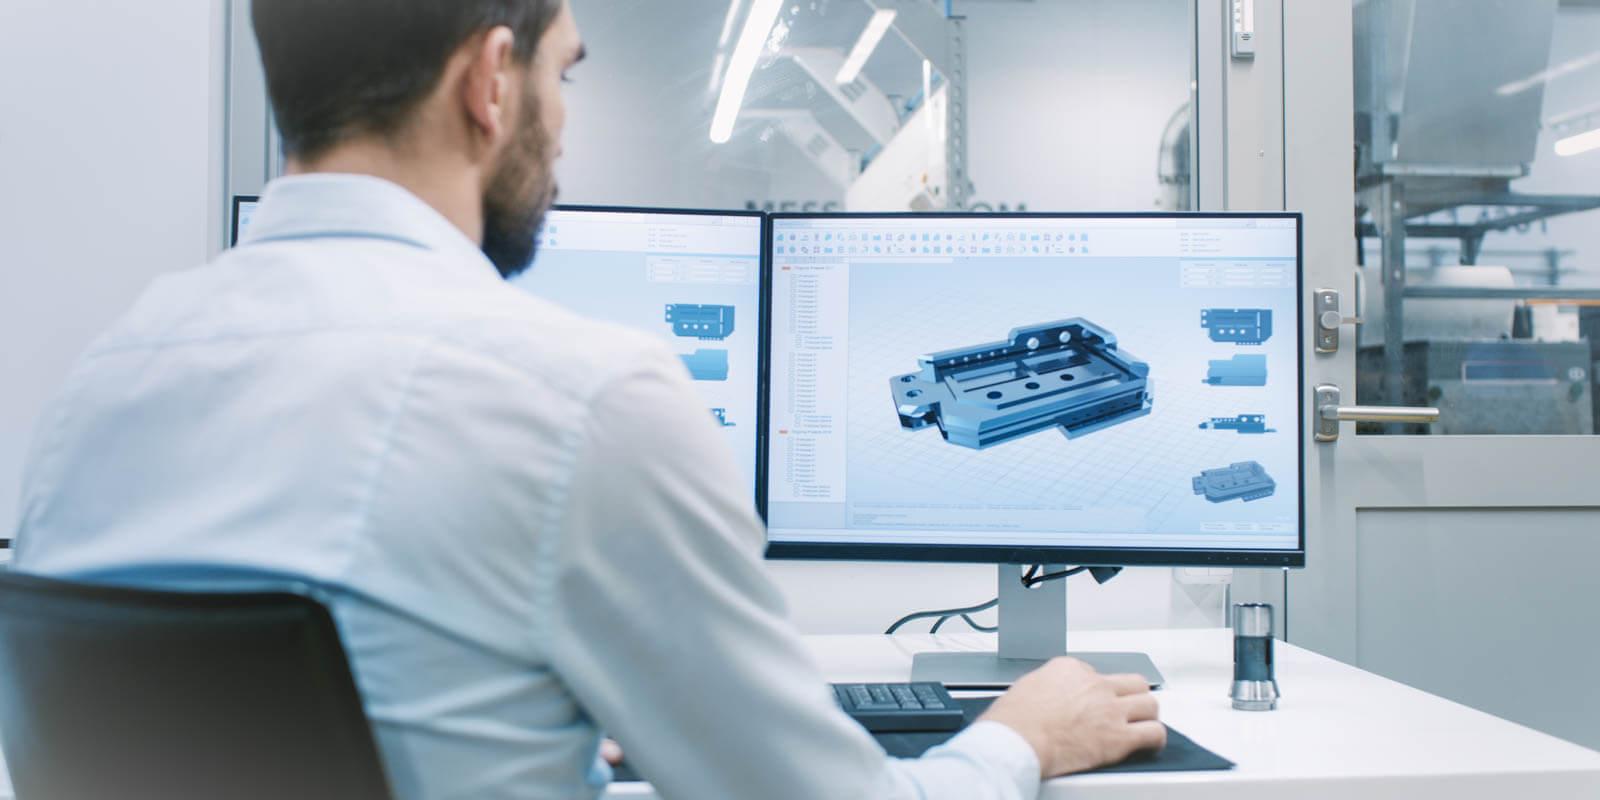 Ein Mann sitzt vor einem Computer und macht Berechnungen für einen Maschinenbauteil